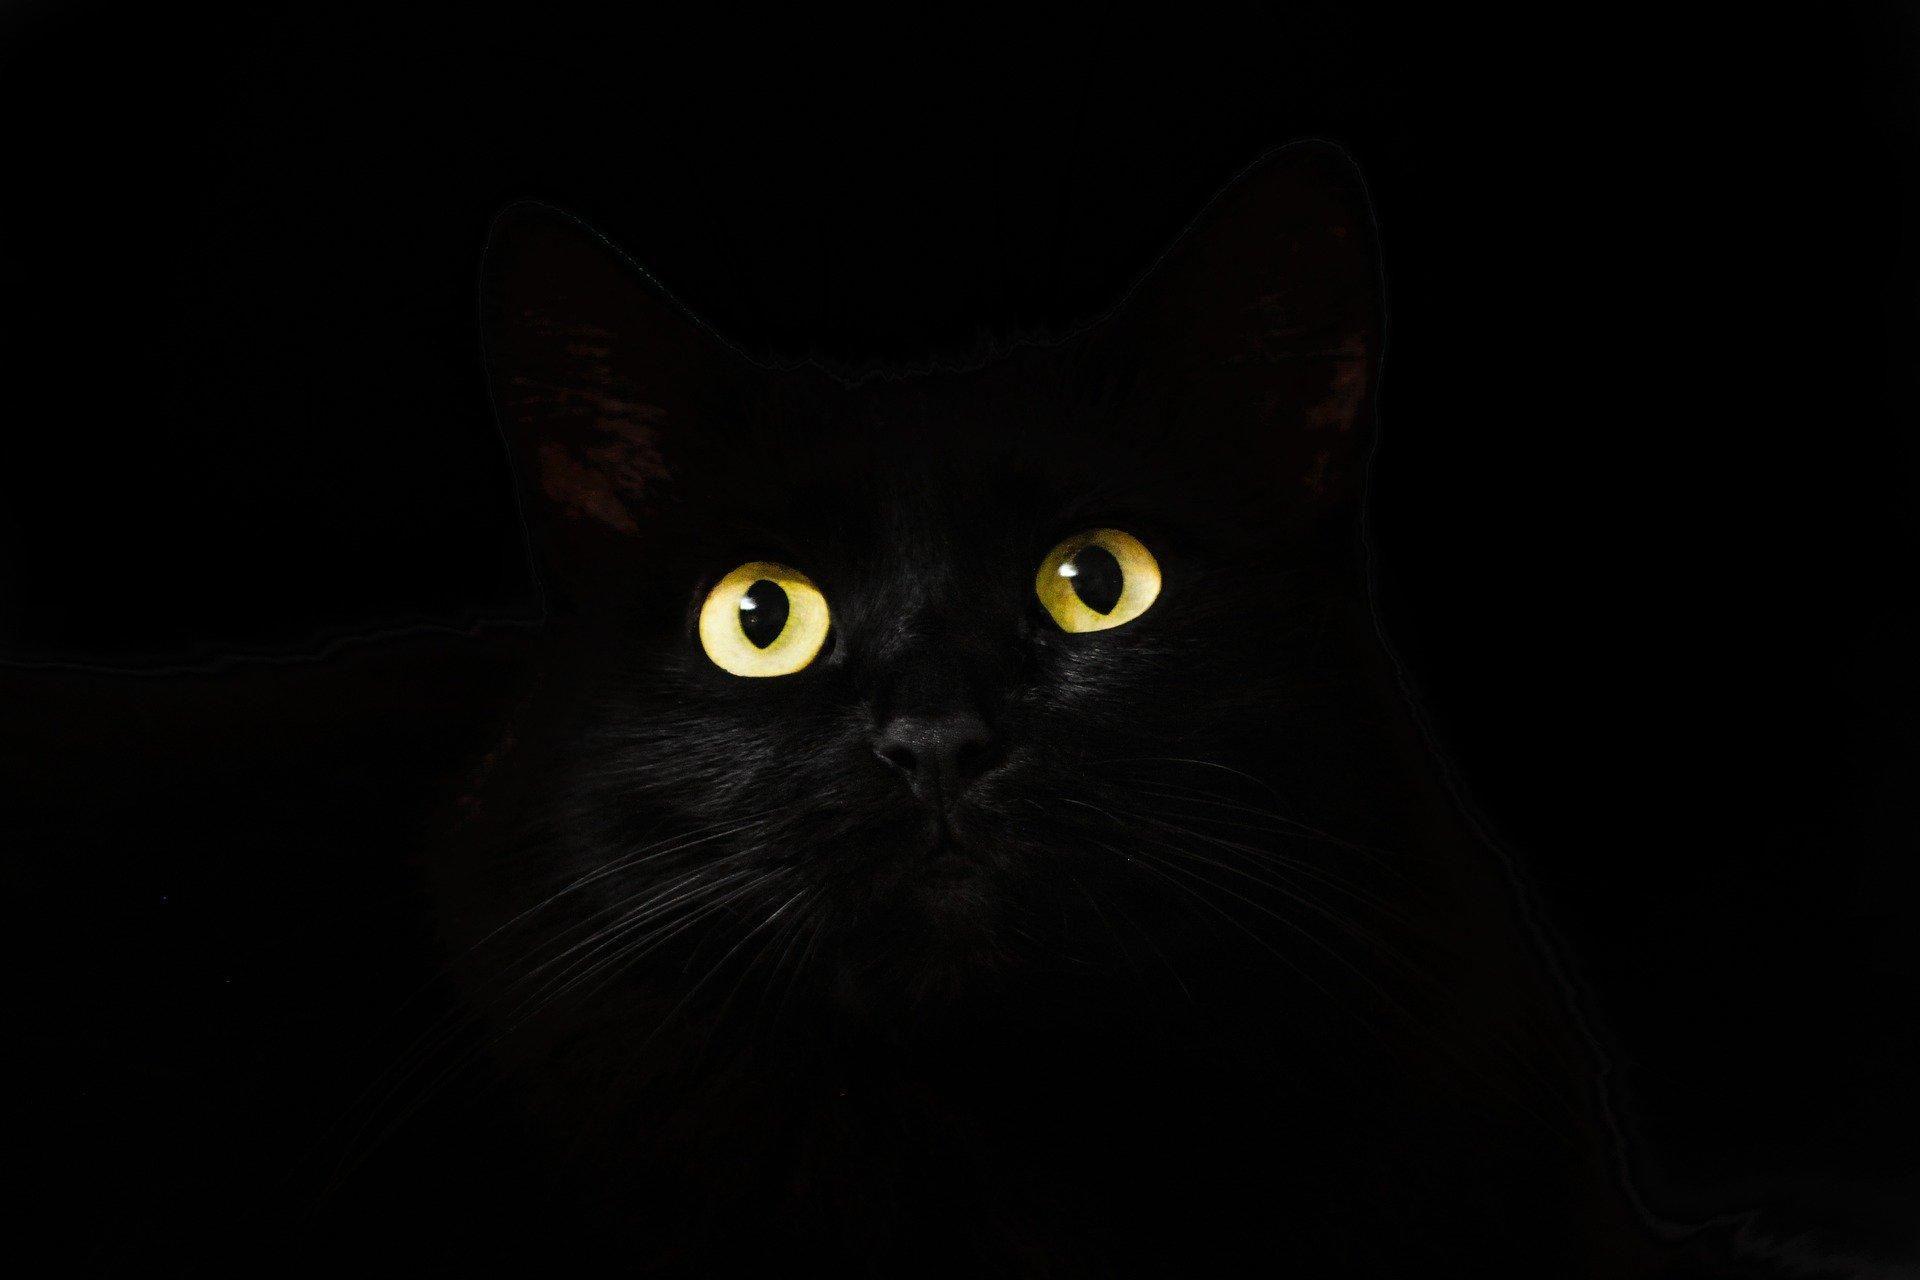 تفسير حلم عضة القطة تفسير حلم قطة تهاجمني وتعضني تفسير حلم القطط الكثيرة تفسير حلم القطط الصغيرة الملونة تفسير حلم ام En 2020 Fond D Ecran Chat Image Chat Animales